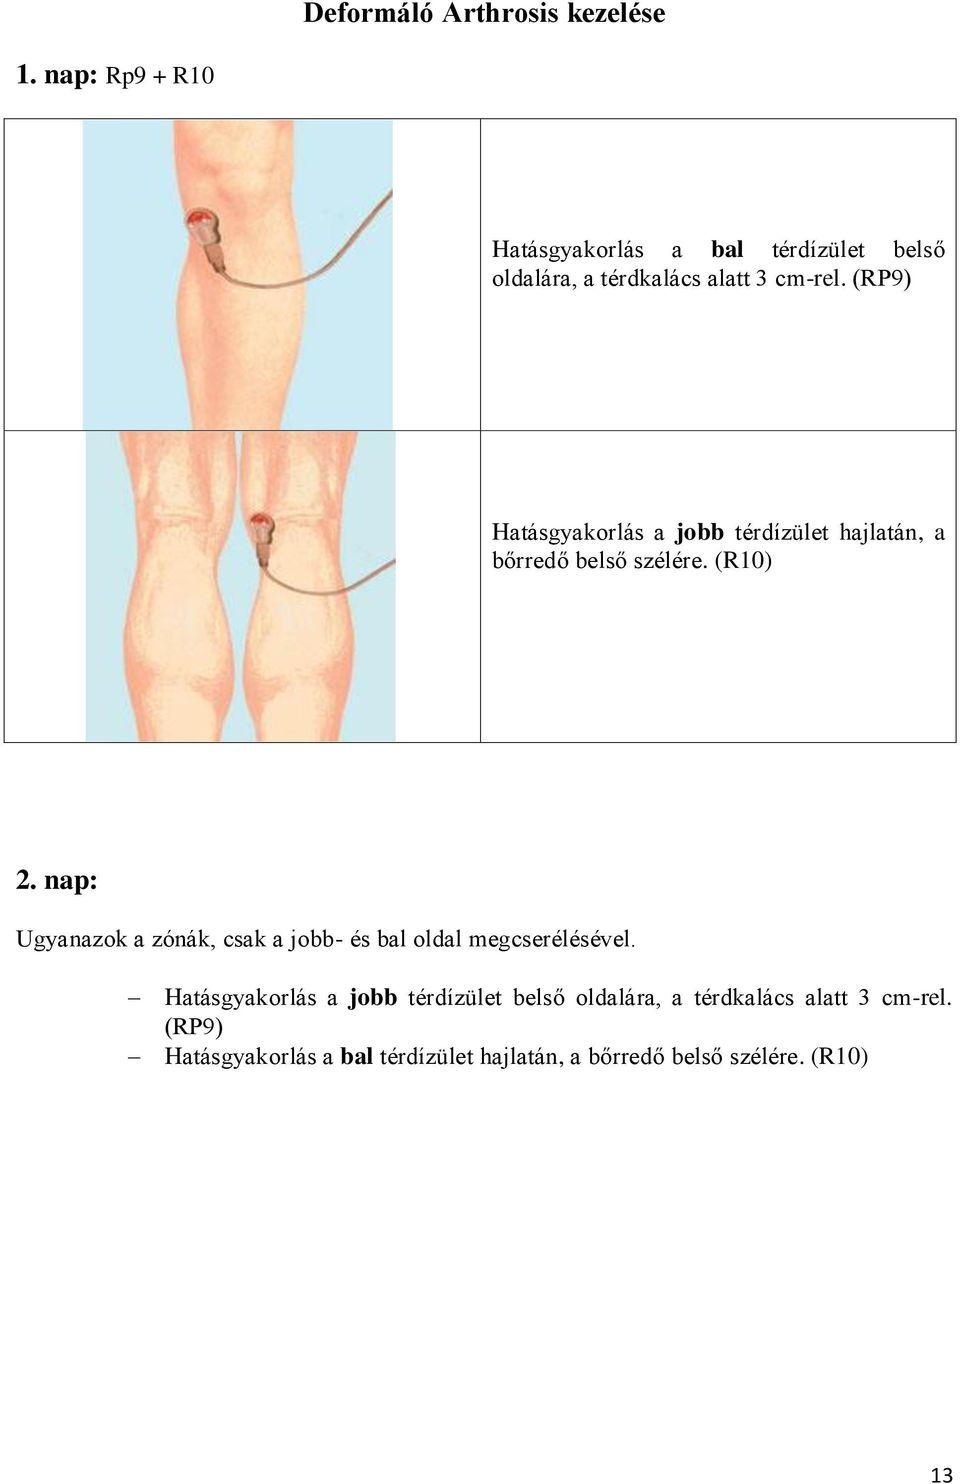 A 2. fokú térdízületek gonartrózisa: okai, tünetei, kezelése